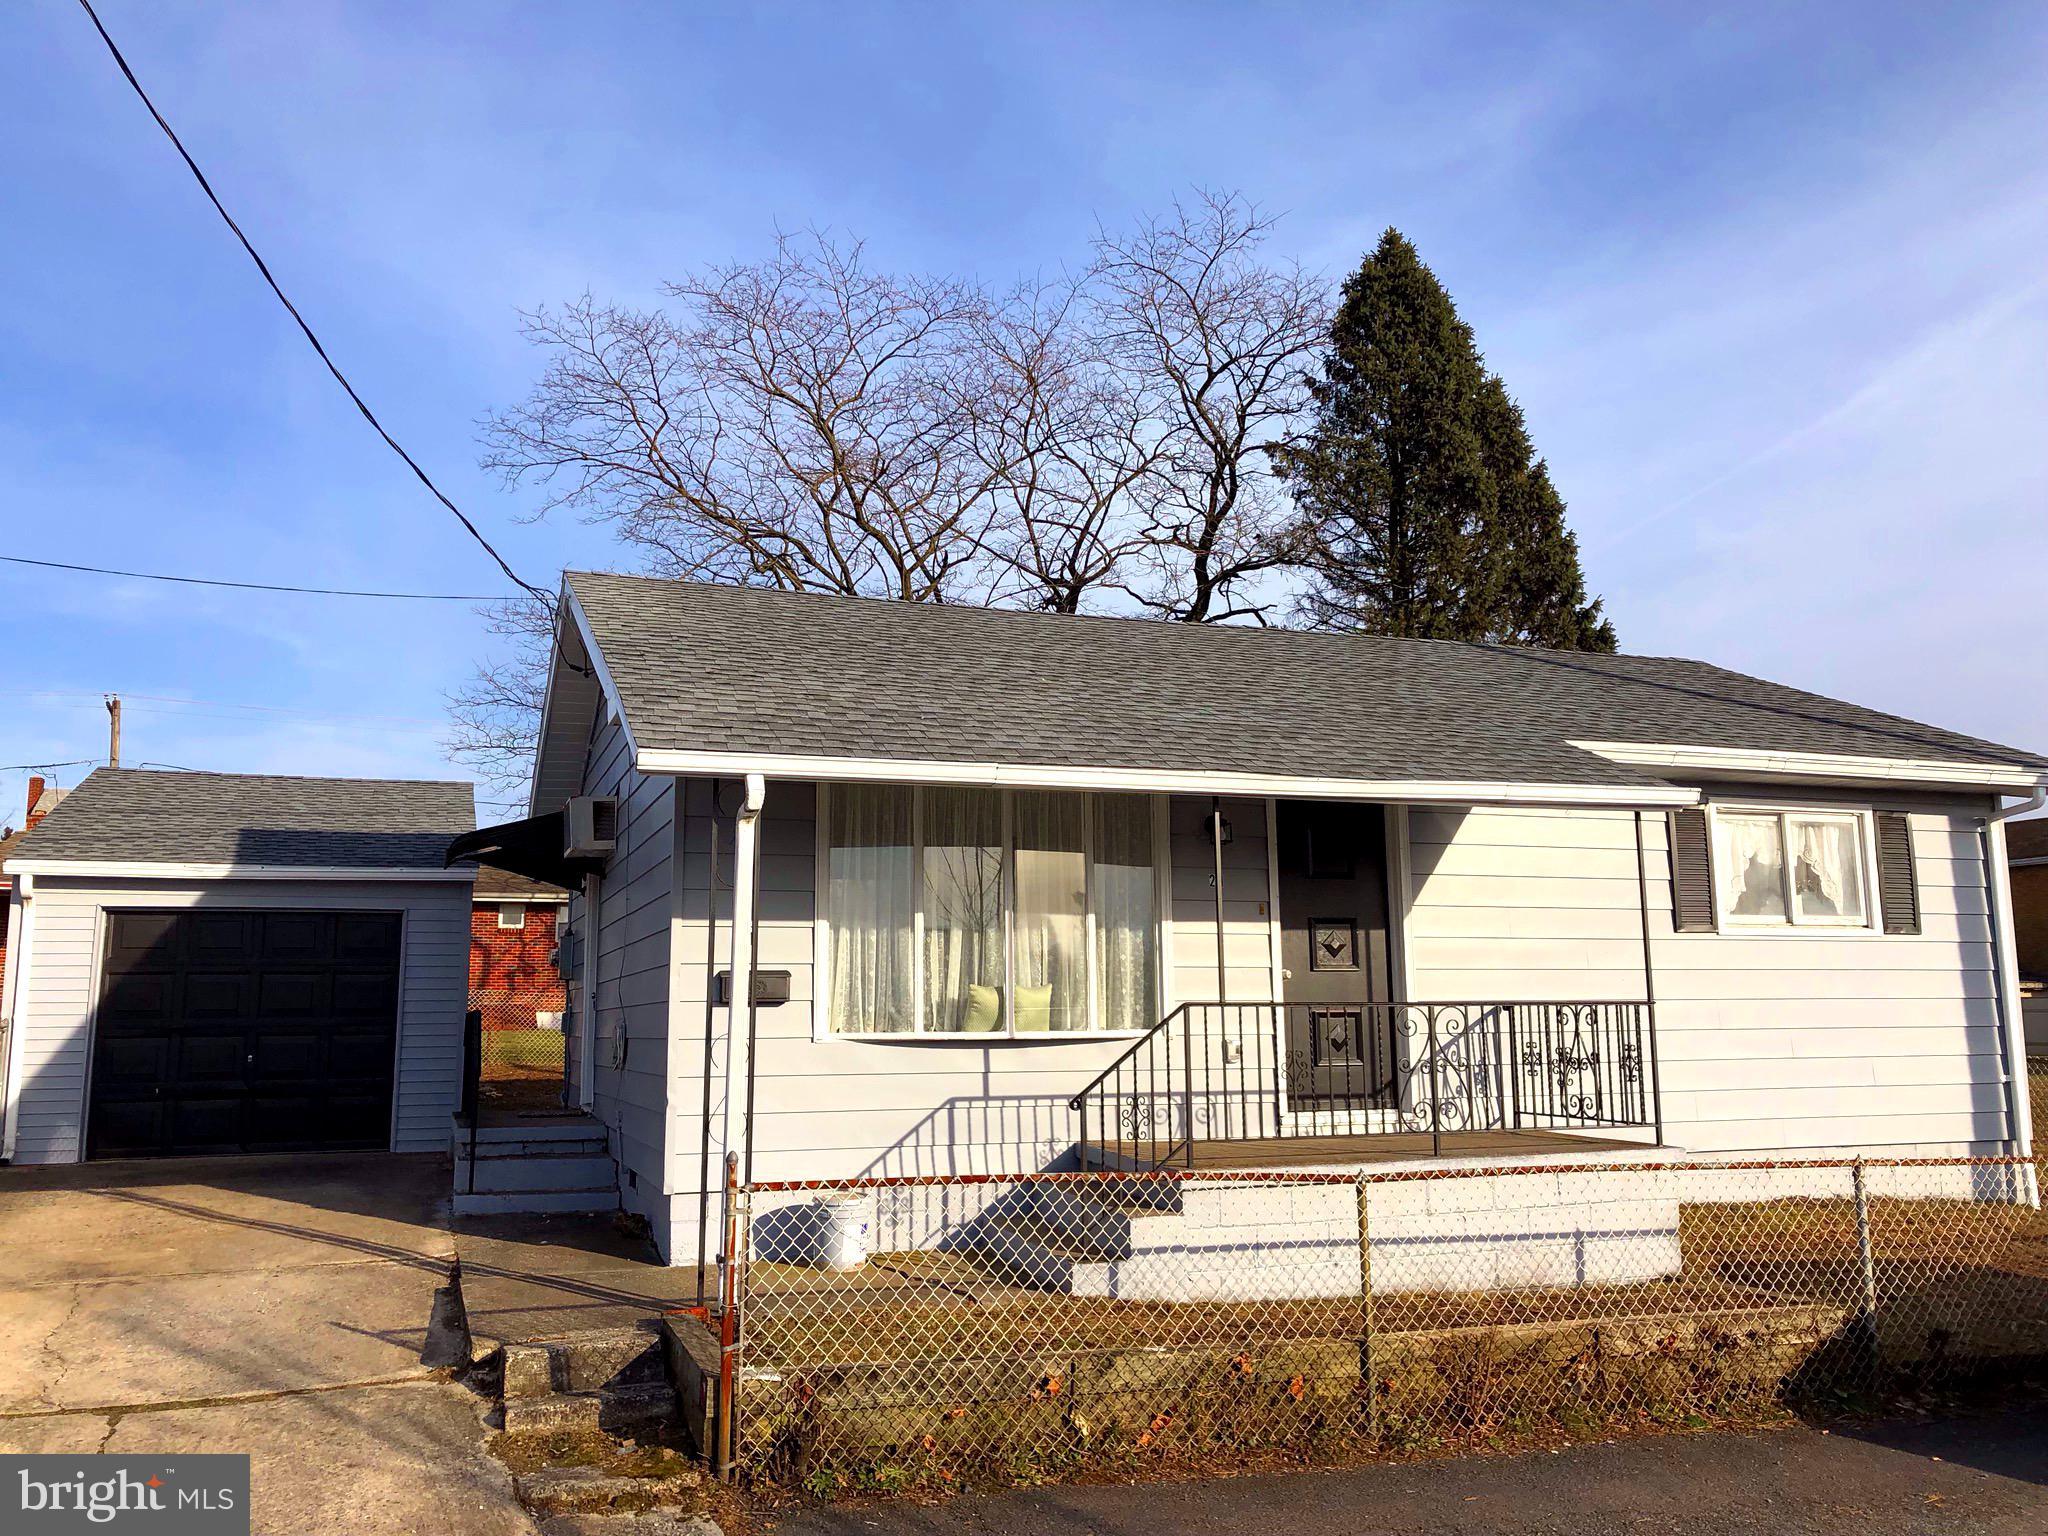 211 BELL ALLEY, FRACKVILLE, PA 17931